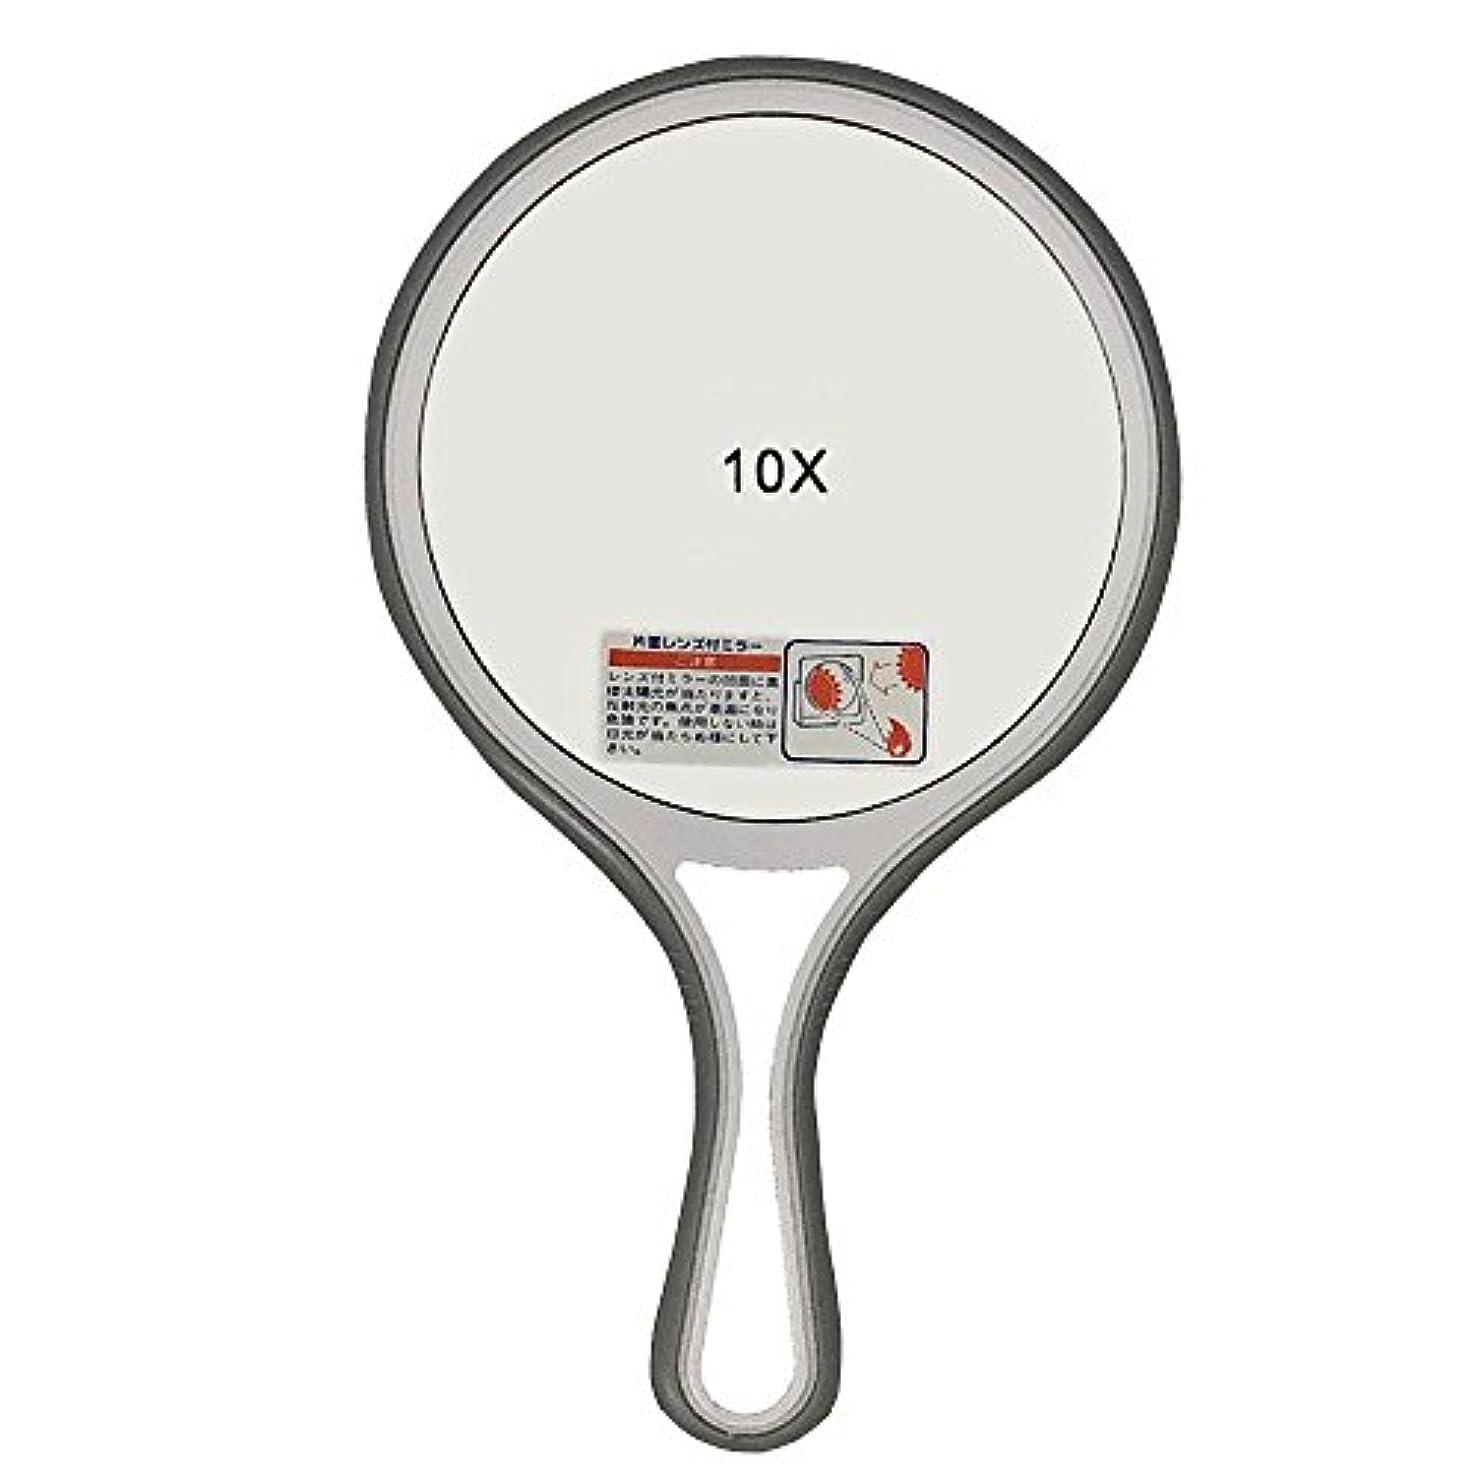 価値不合格メリー 片面約10倍拡大鏡付 手鏡 ソフトグリップ AF-8